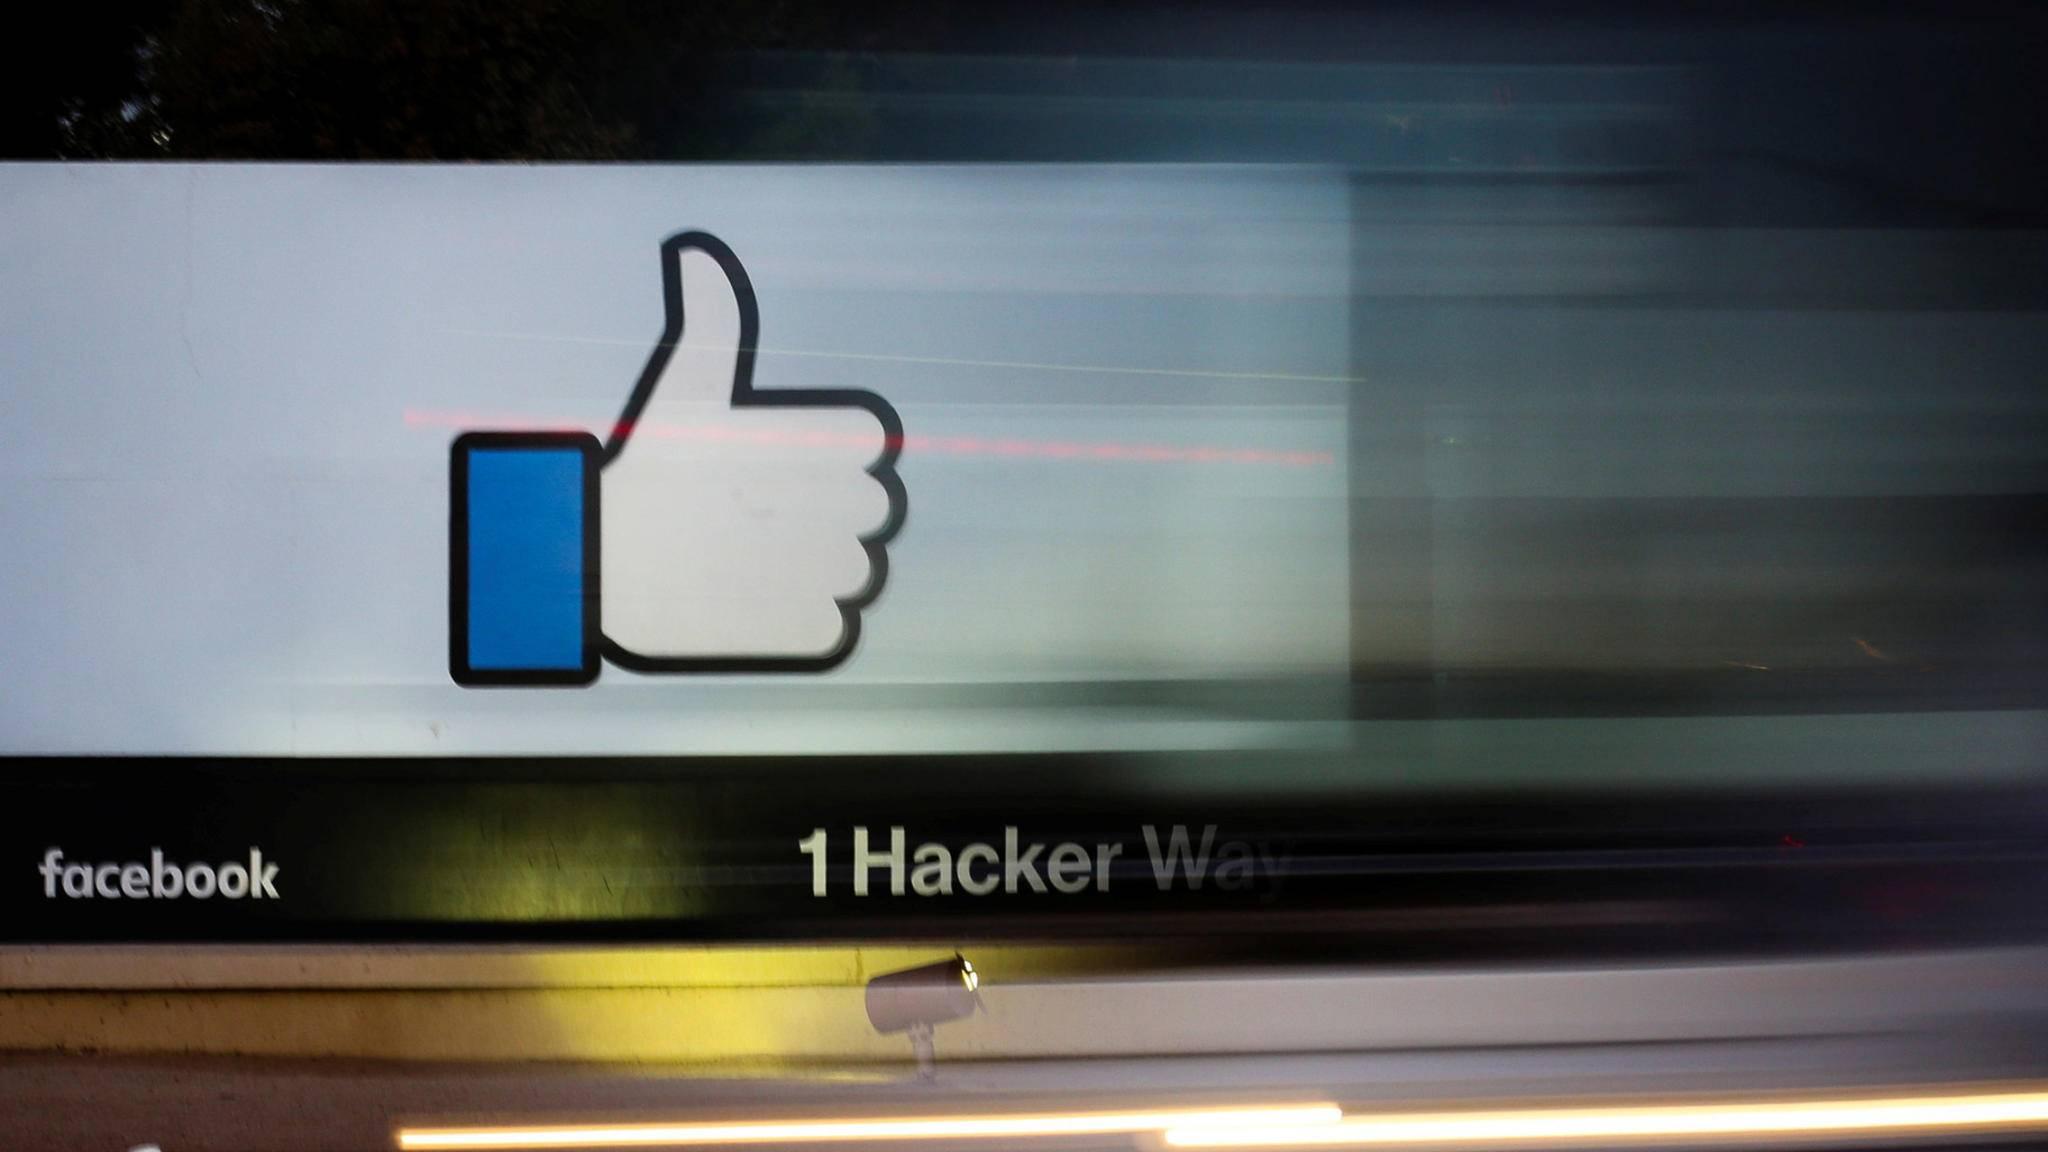 Likes konnte am gestrigen Mittwoch kaum ein Nutzer vergeben: Facebook war mehrere Stunden lang nicht erreichbar.